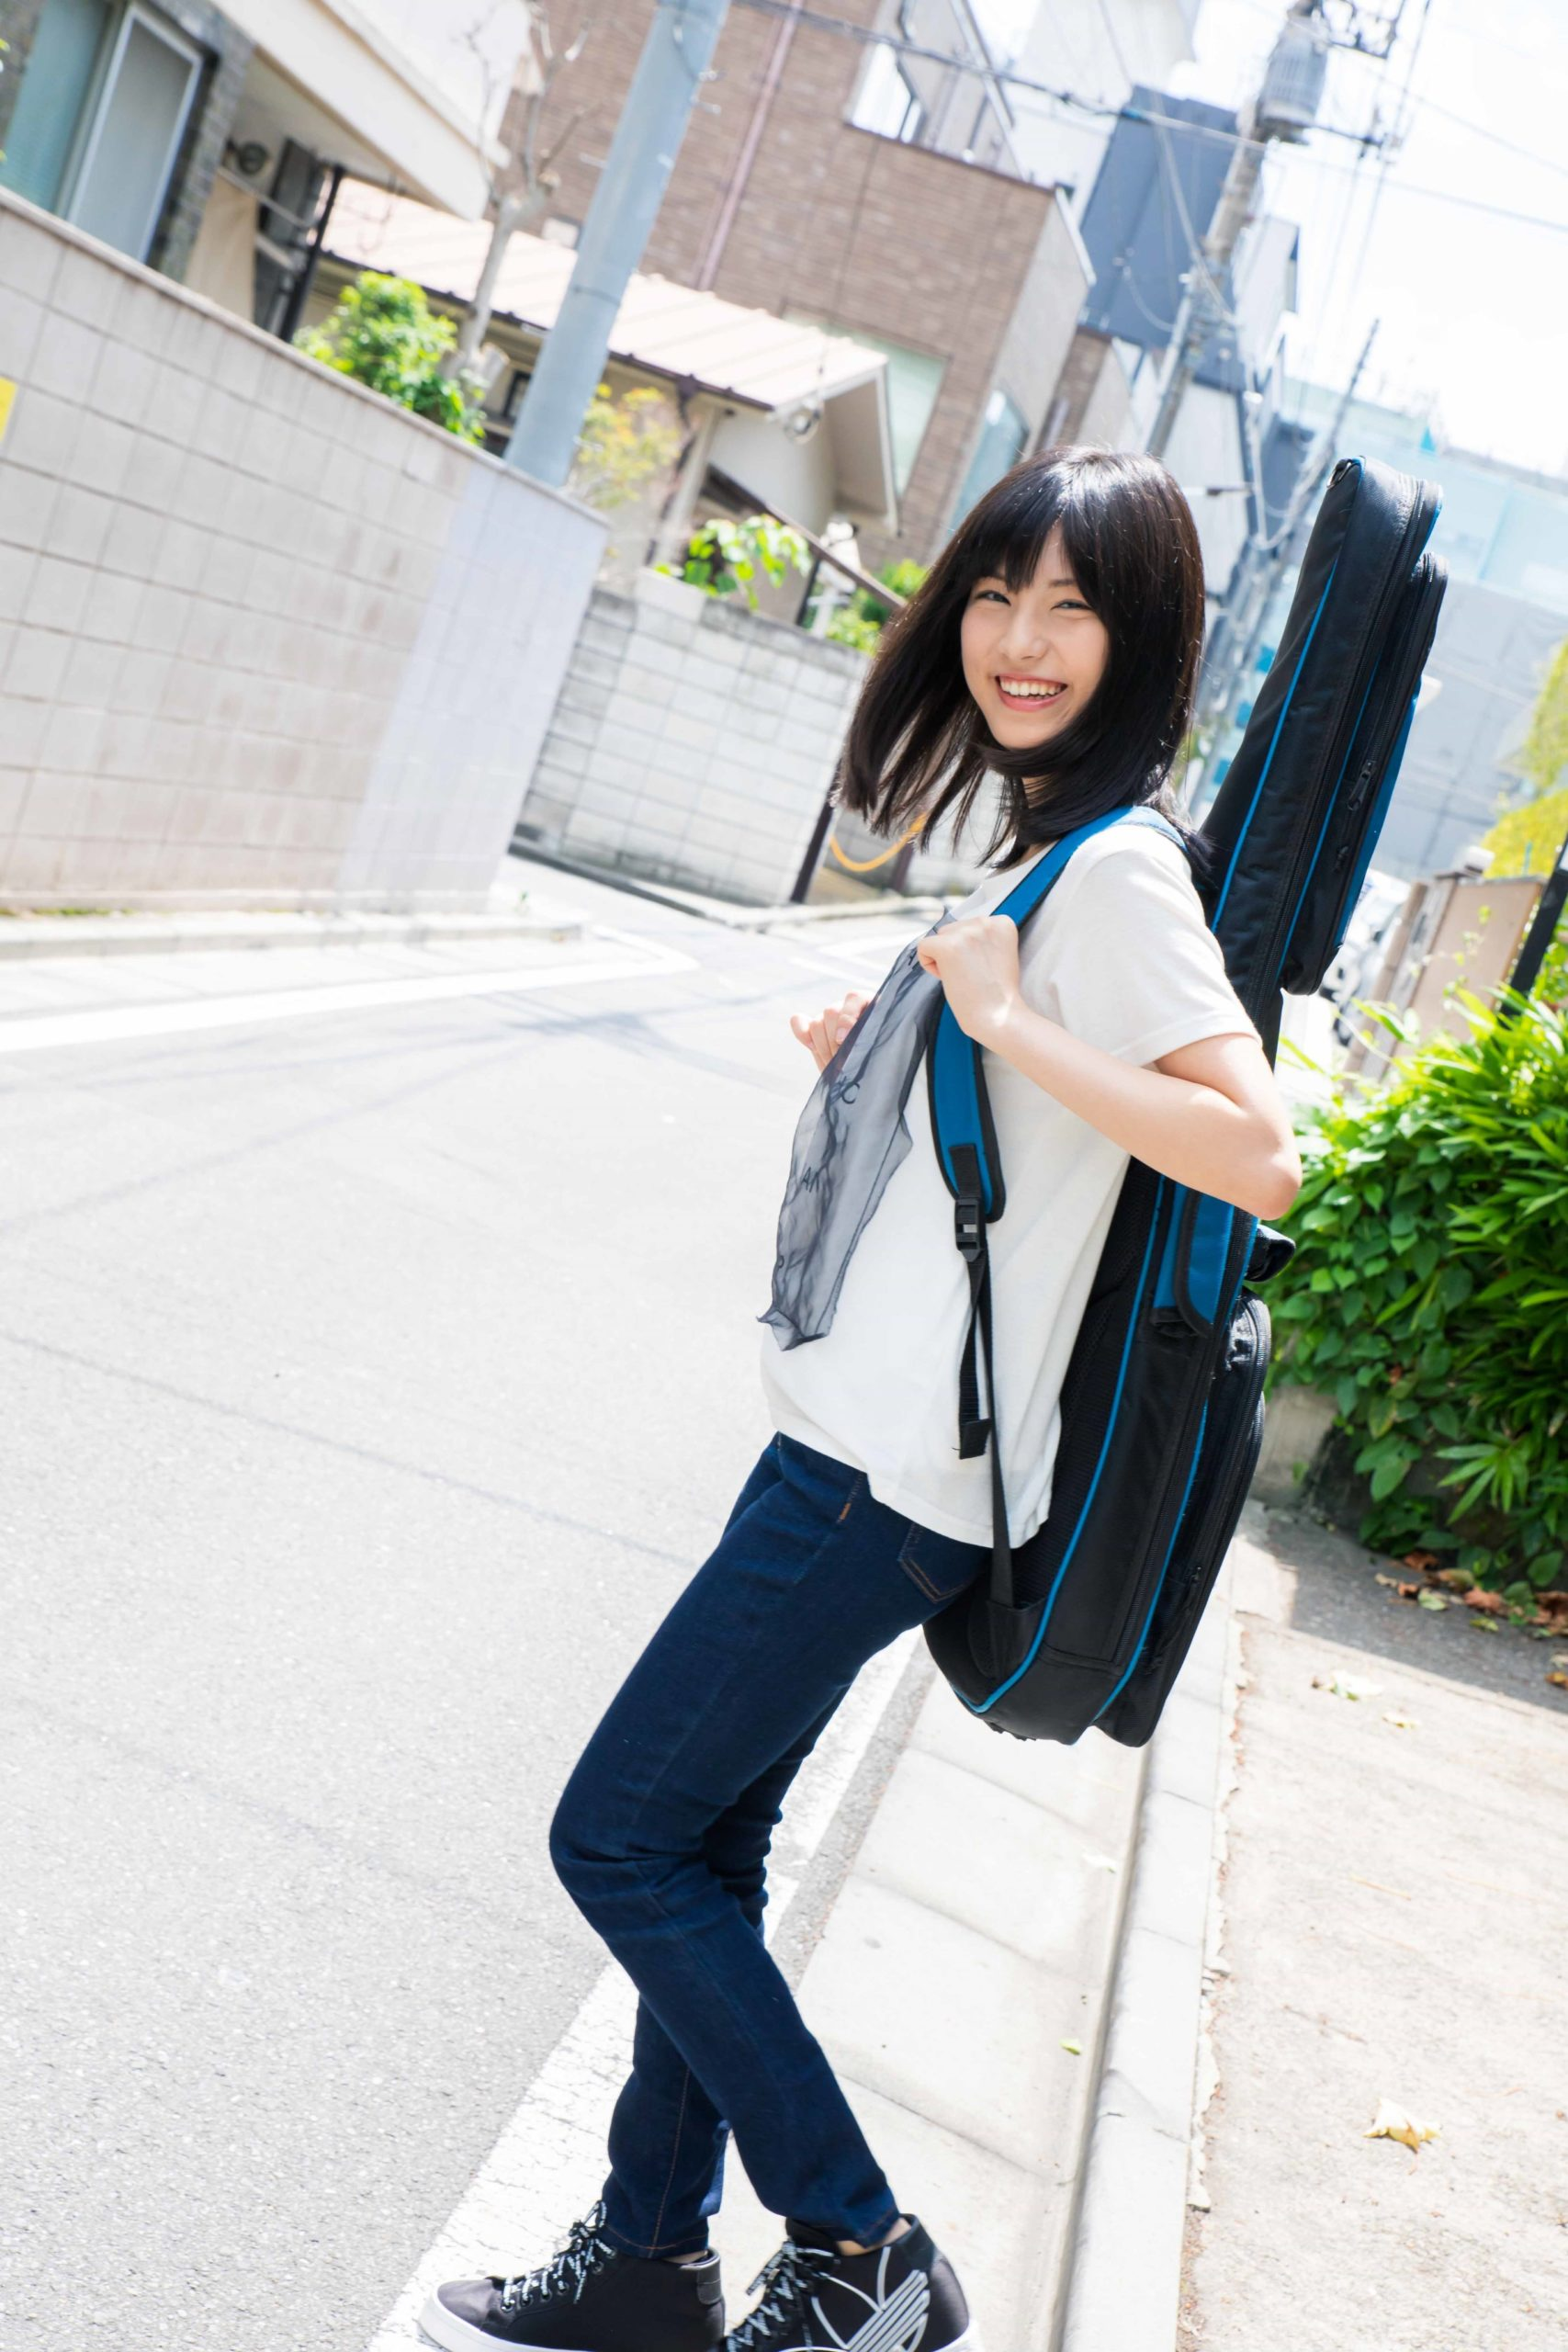 【東大王】鈴木光の実家が金持ち?英語の勉強法や可愛い双子の姉の画像も!